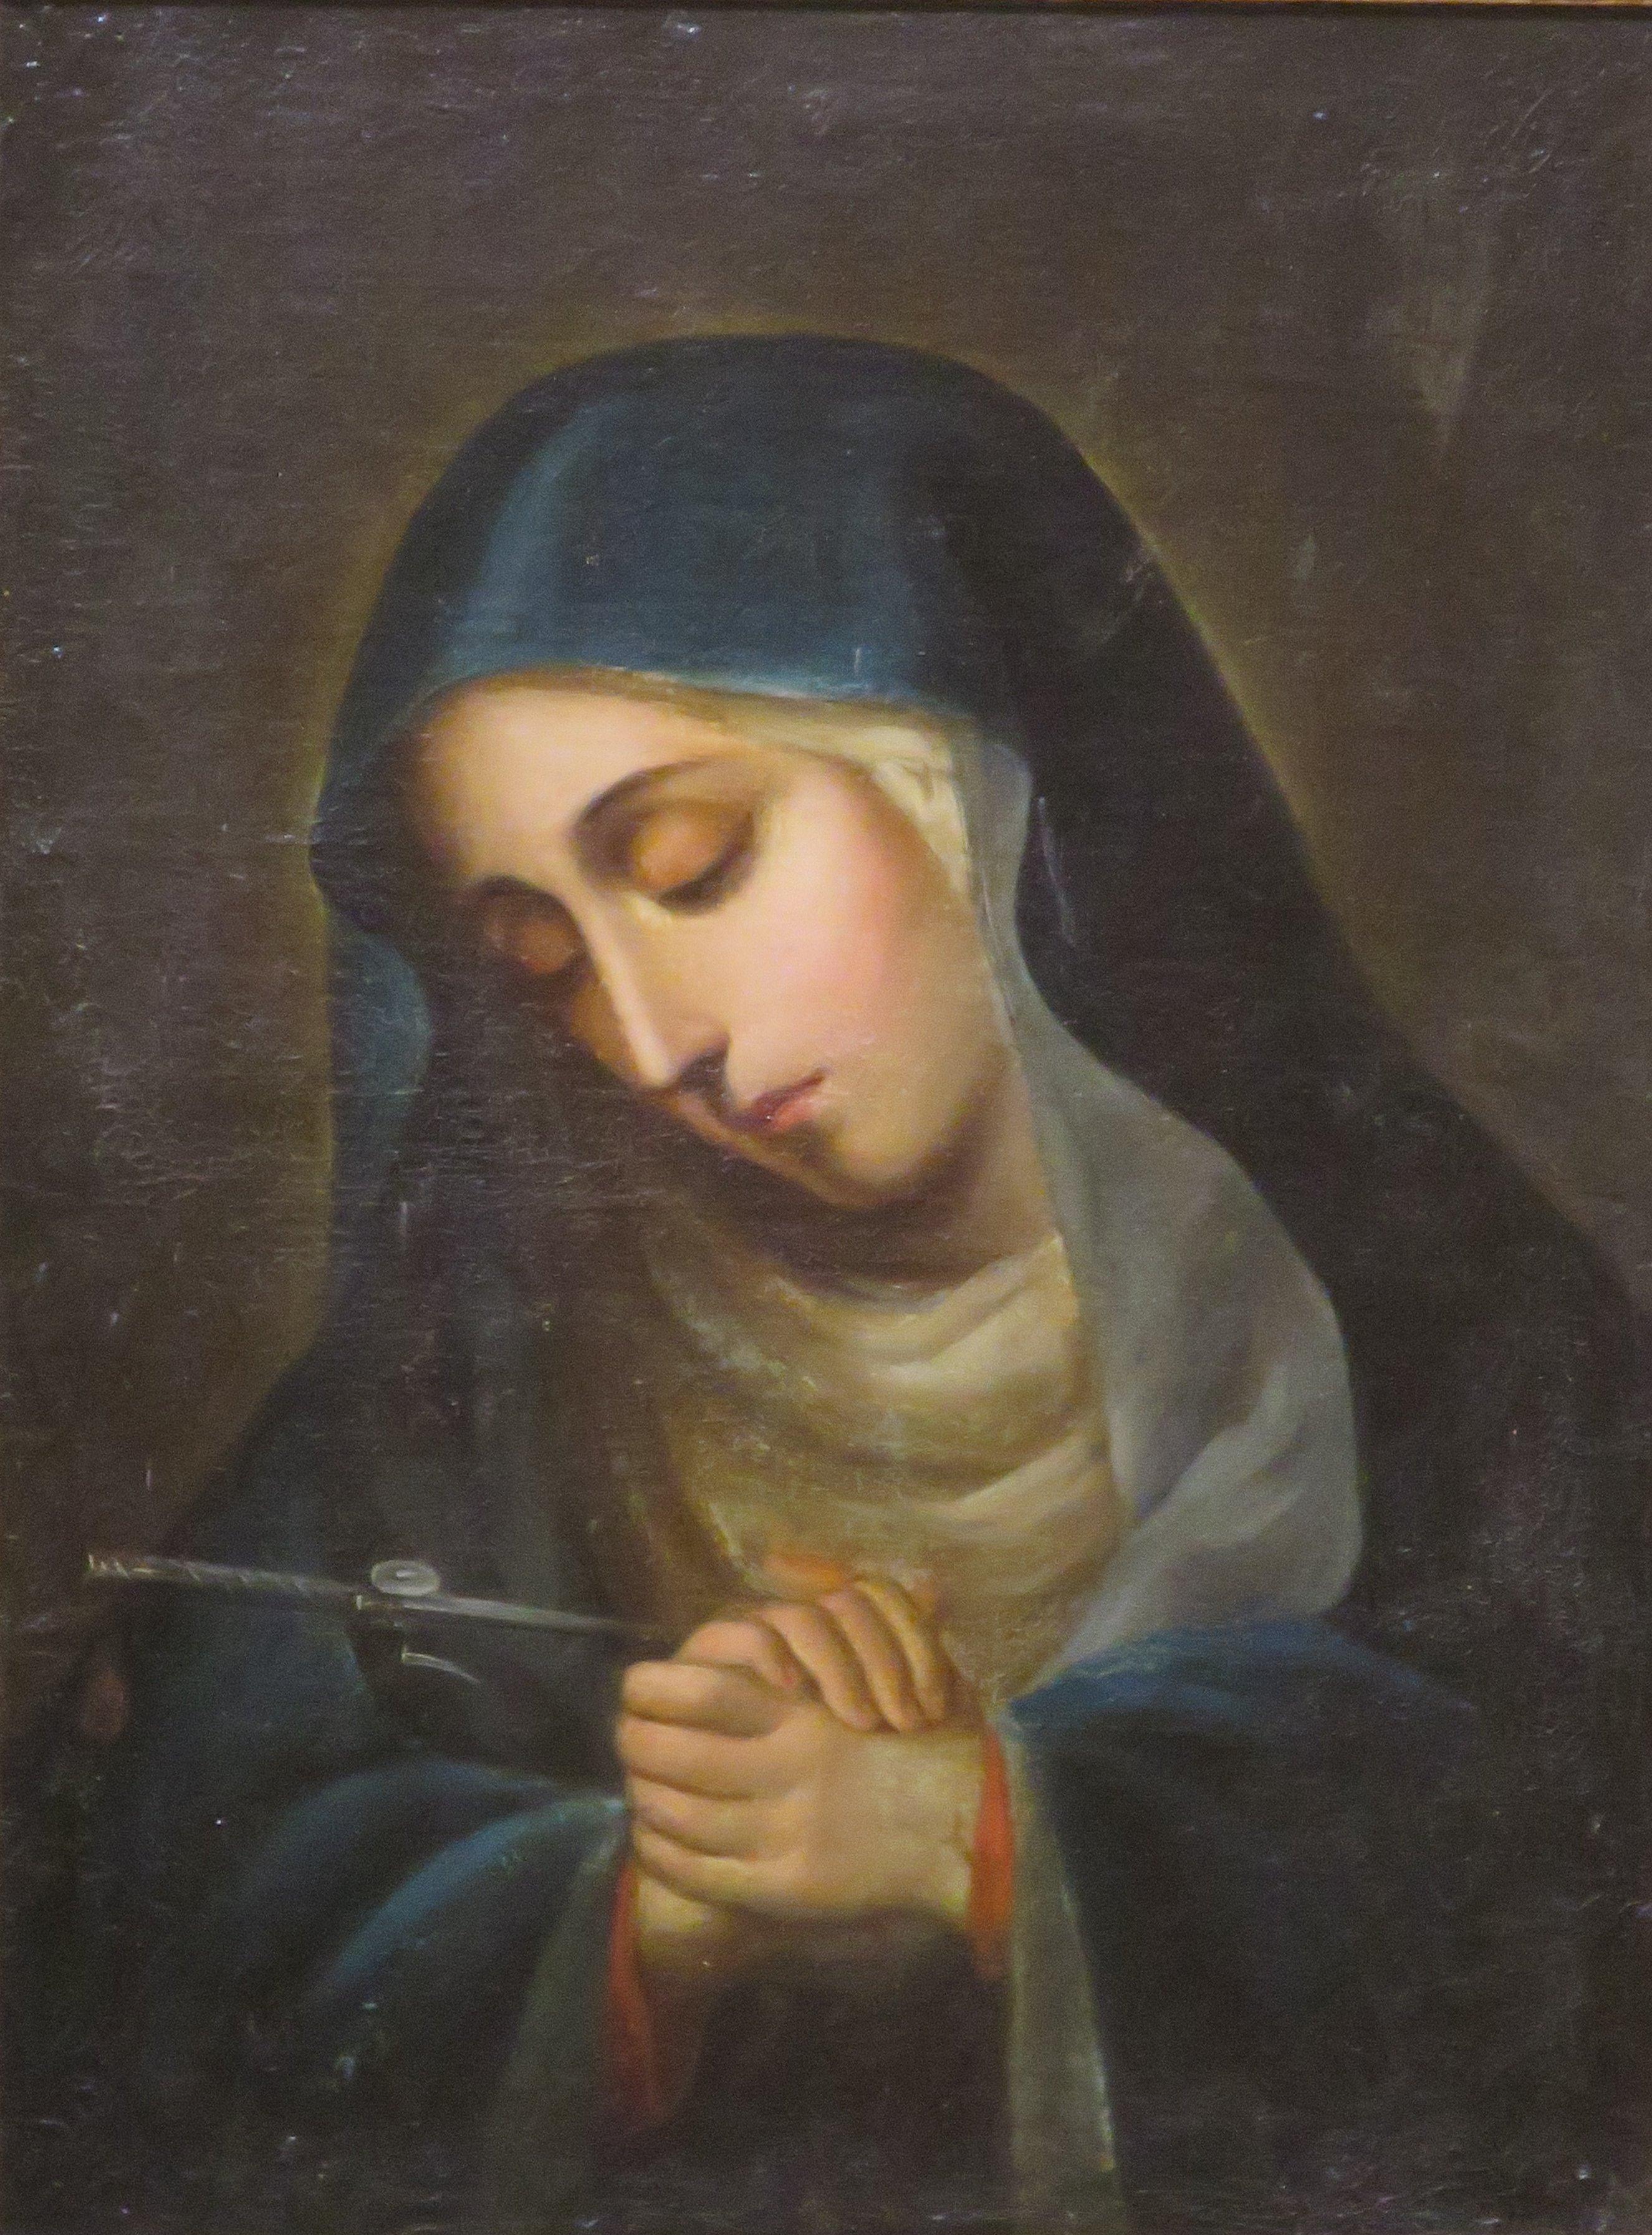 A Sword Pierced Her Heart